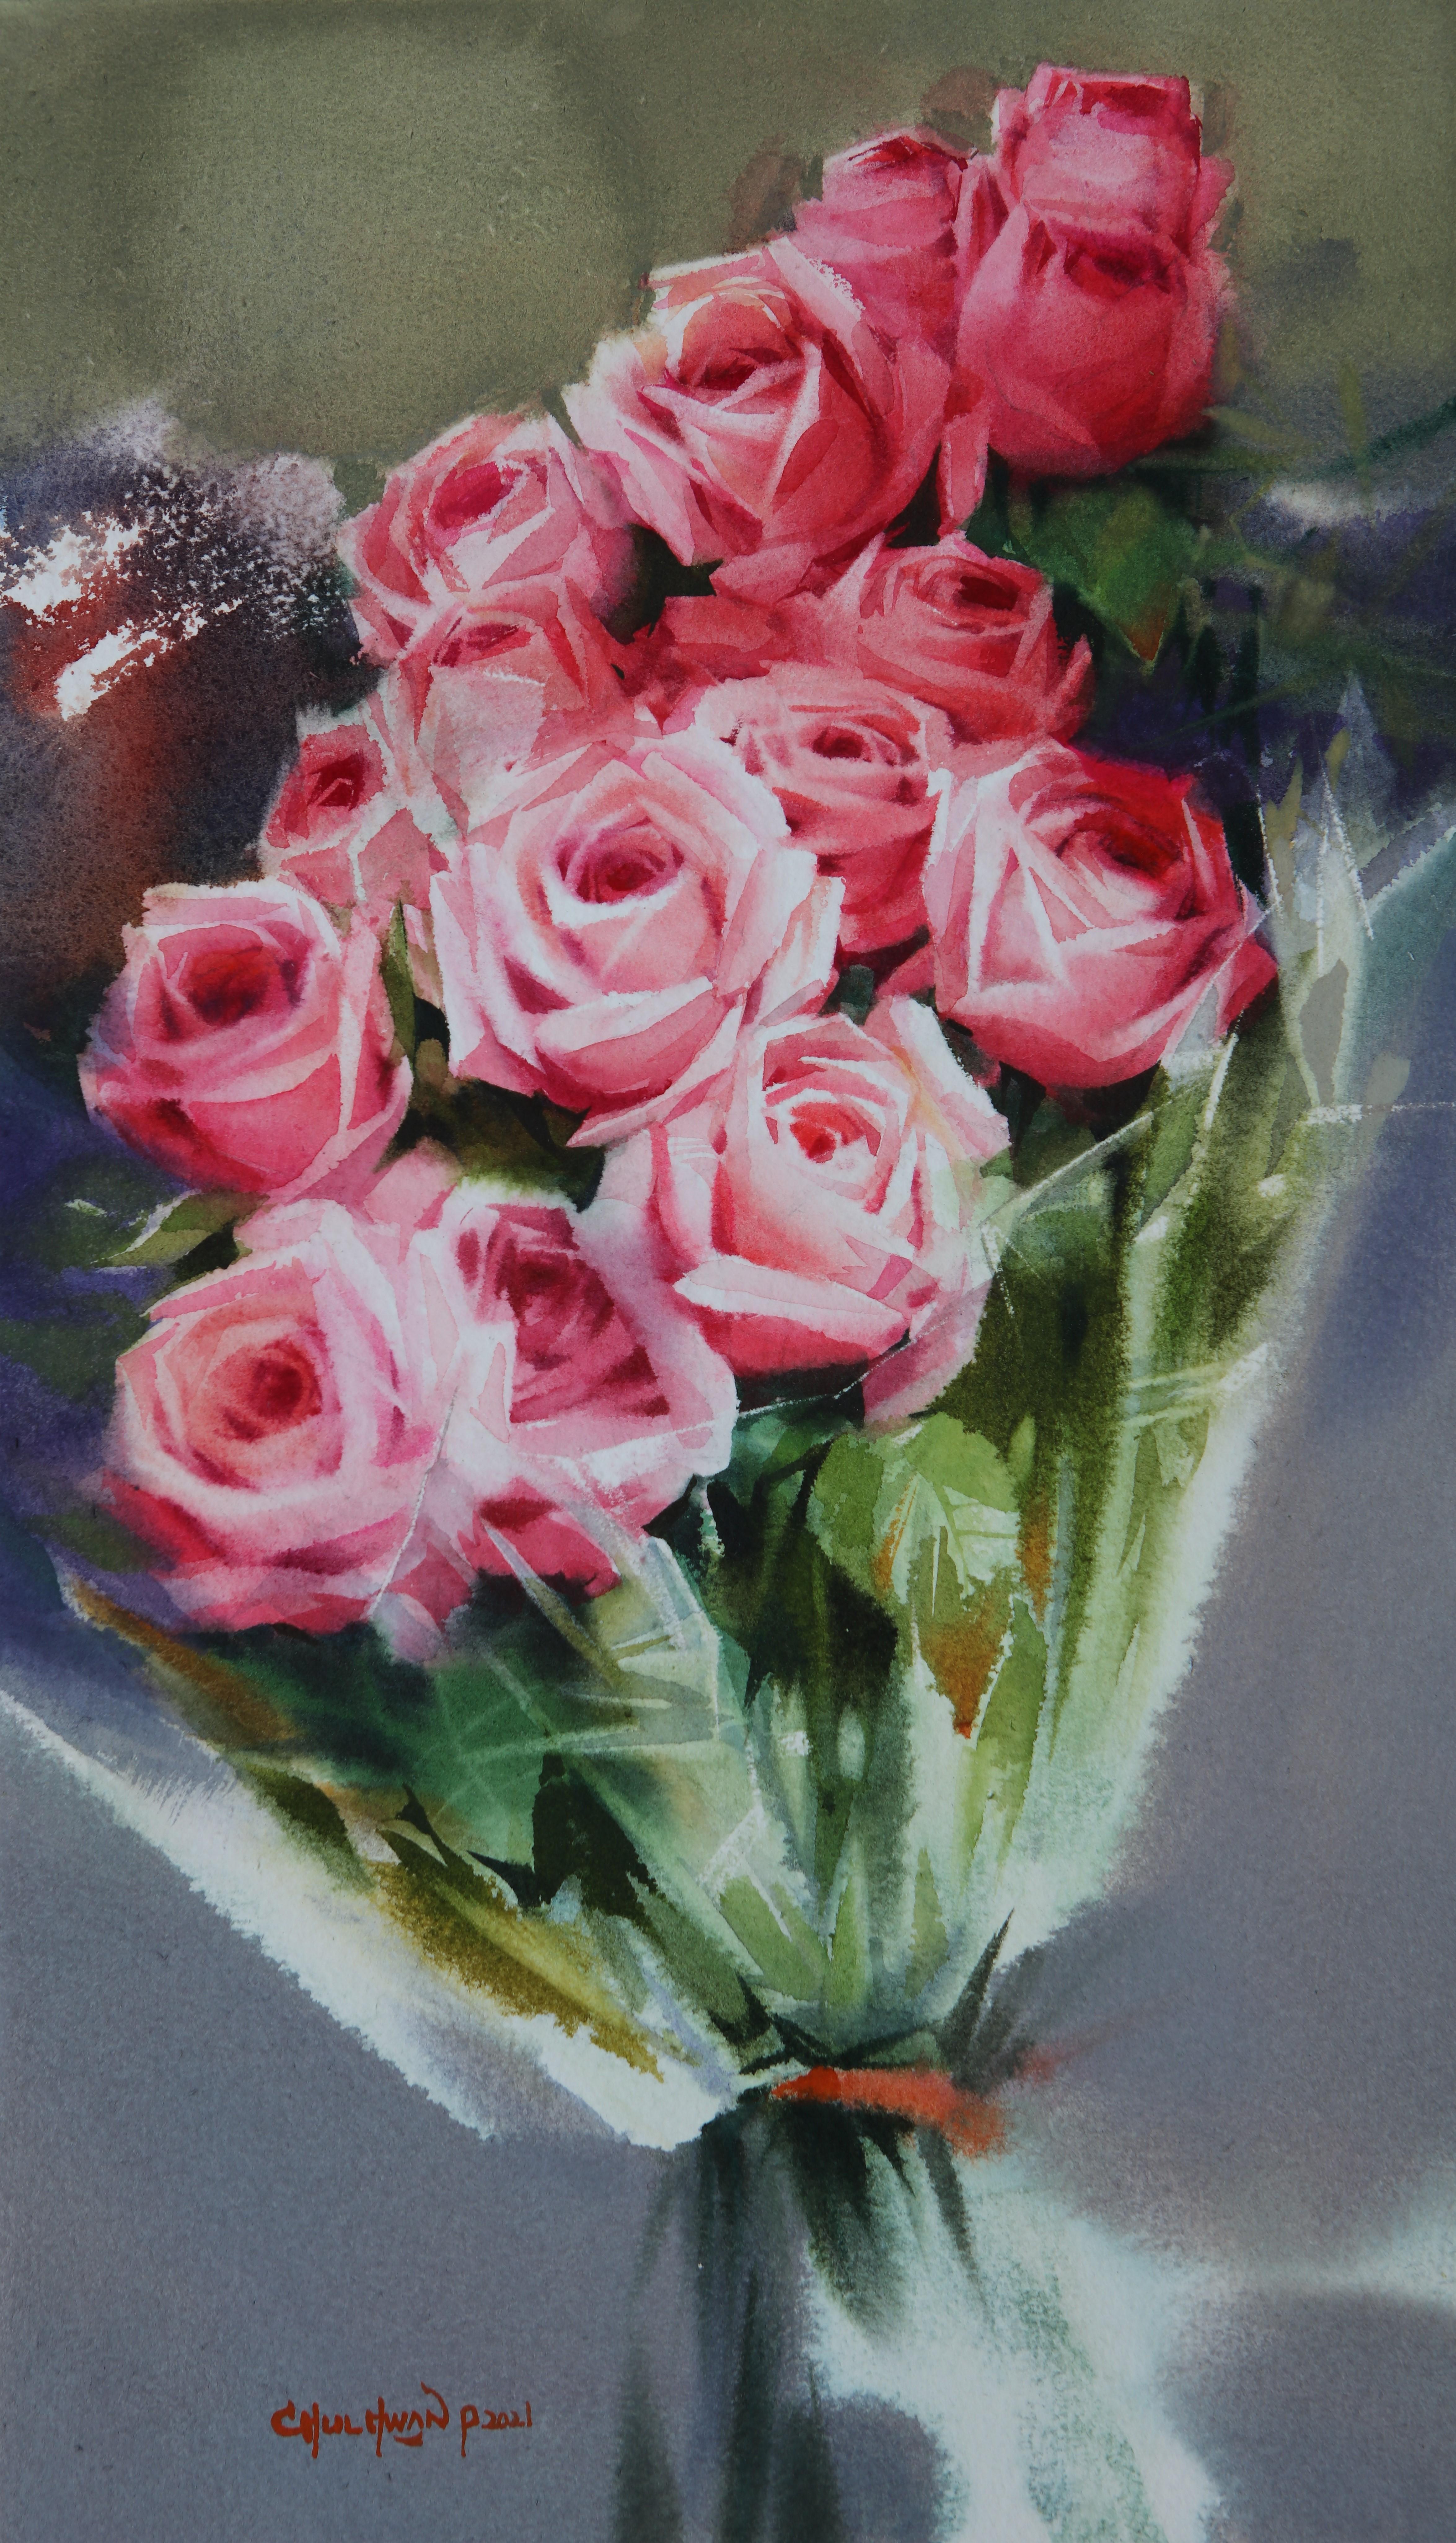 006, 박철환, Rose, 45.5 x 27